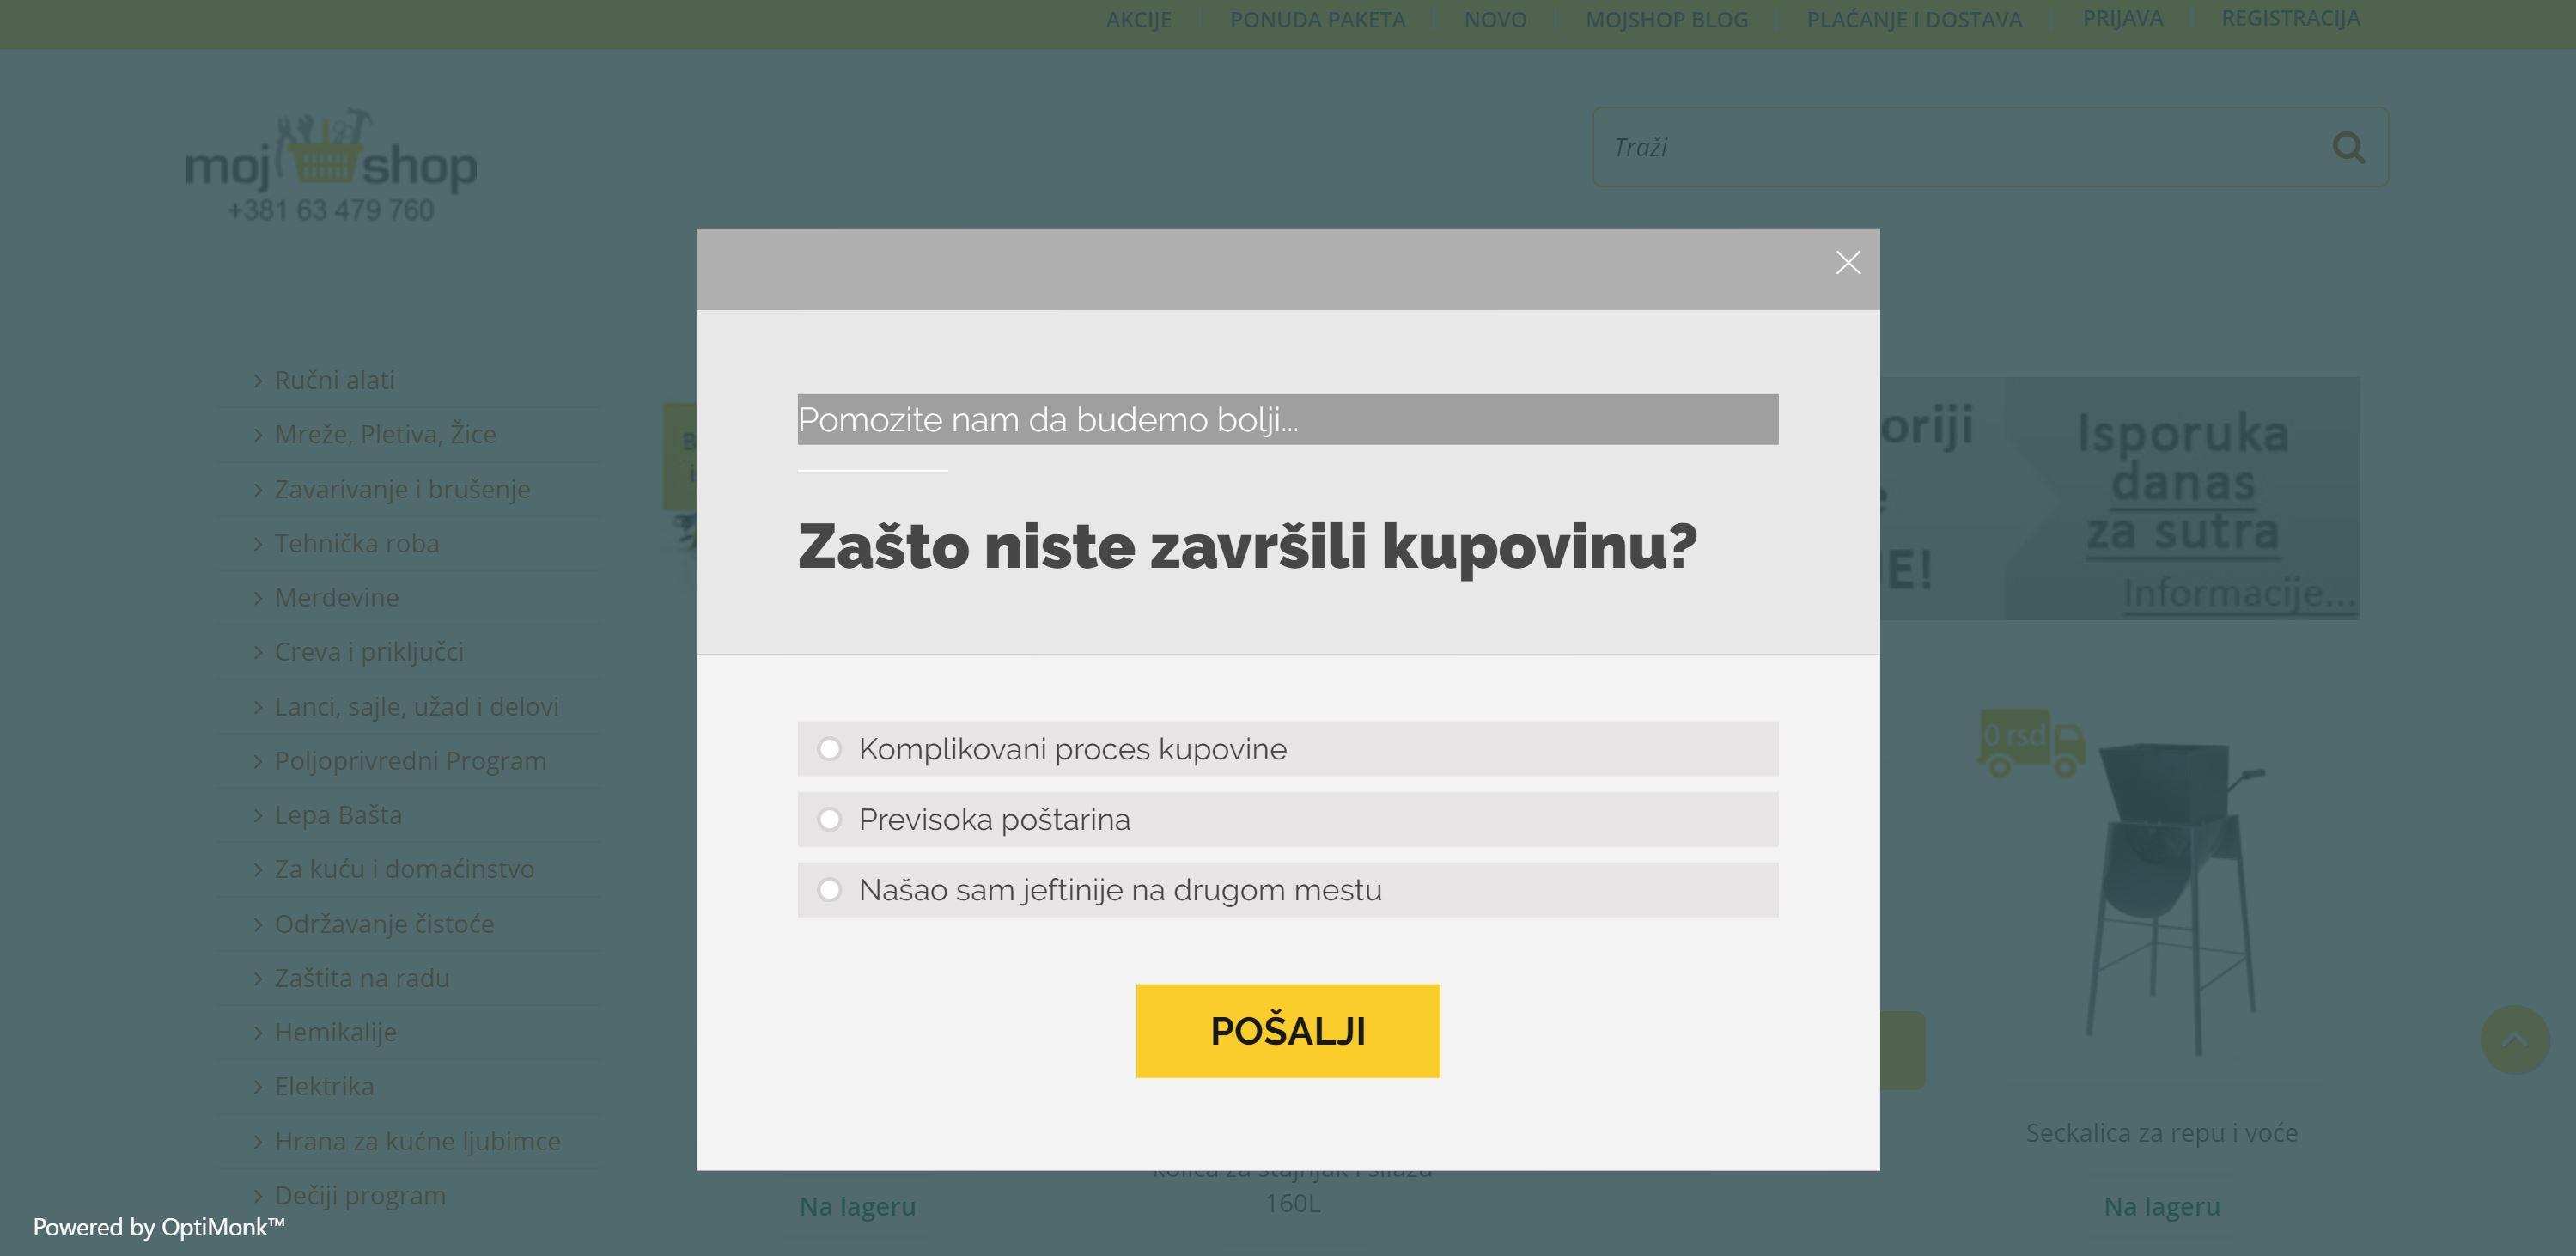 mojshop.rs